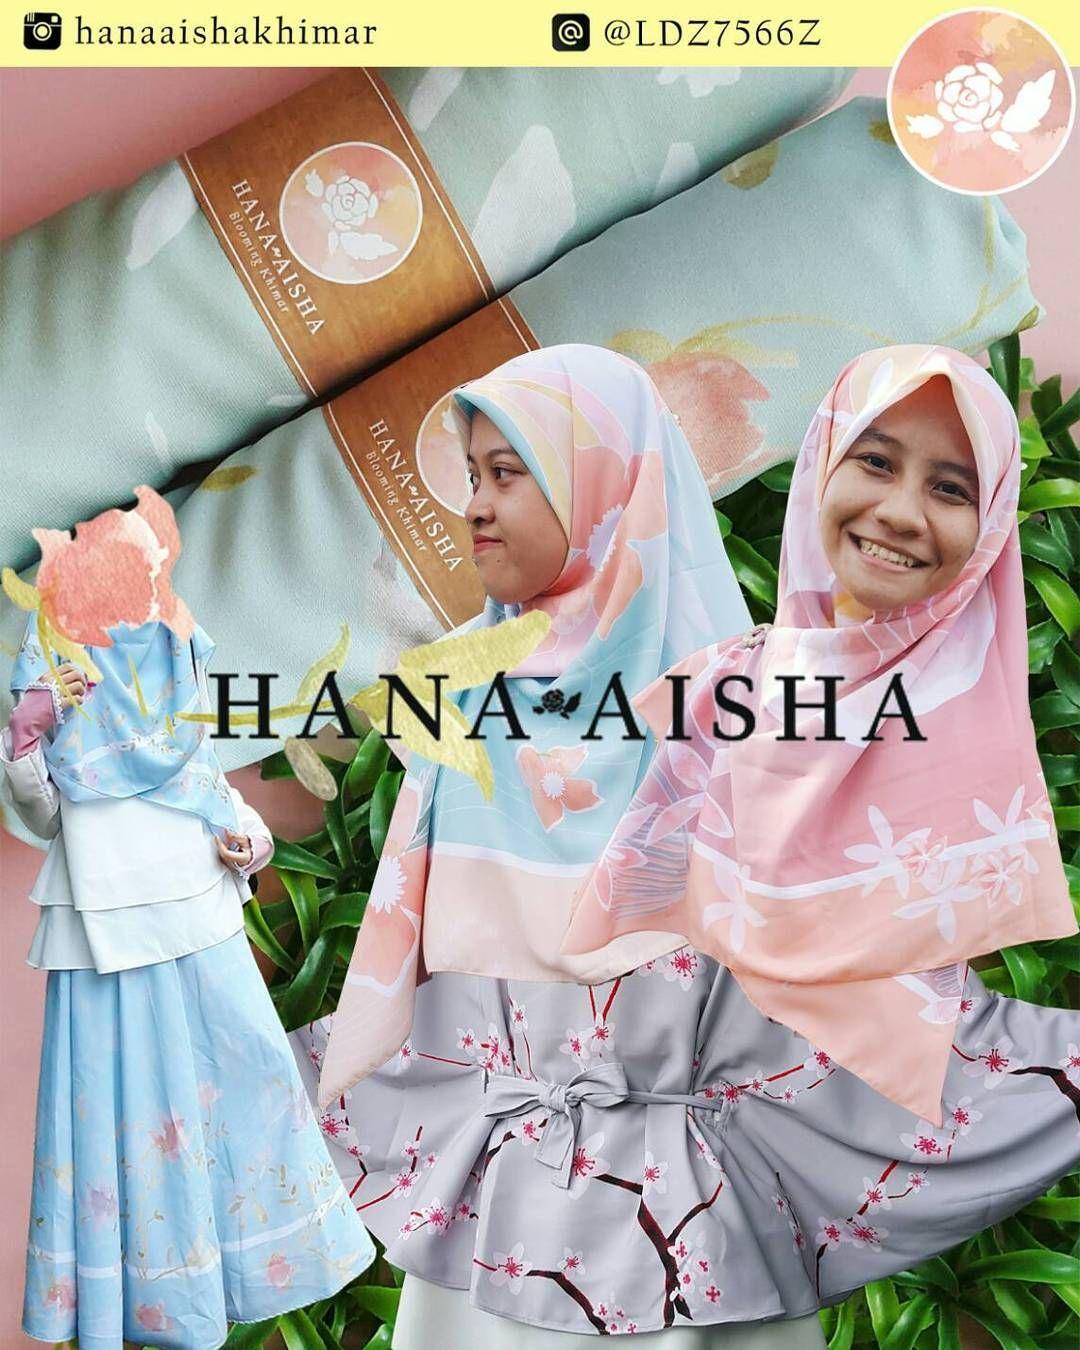 Assalamu Alaikum Shalihat Senang Motif Bunga Bunga Warna Warna Pastel Hana Aisha Memproduksi Sendiri Desain Motif Kainnya Moti Fashion Aisha Instagram